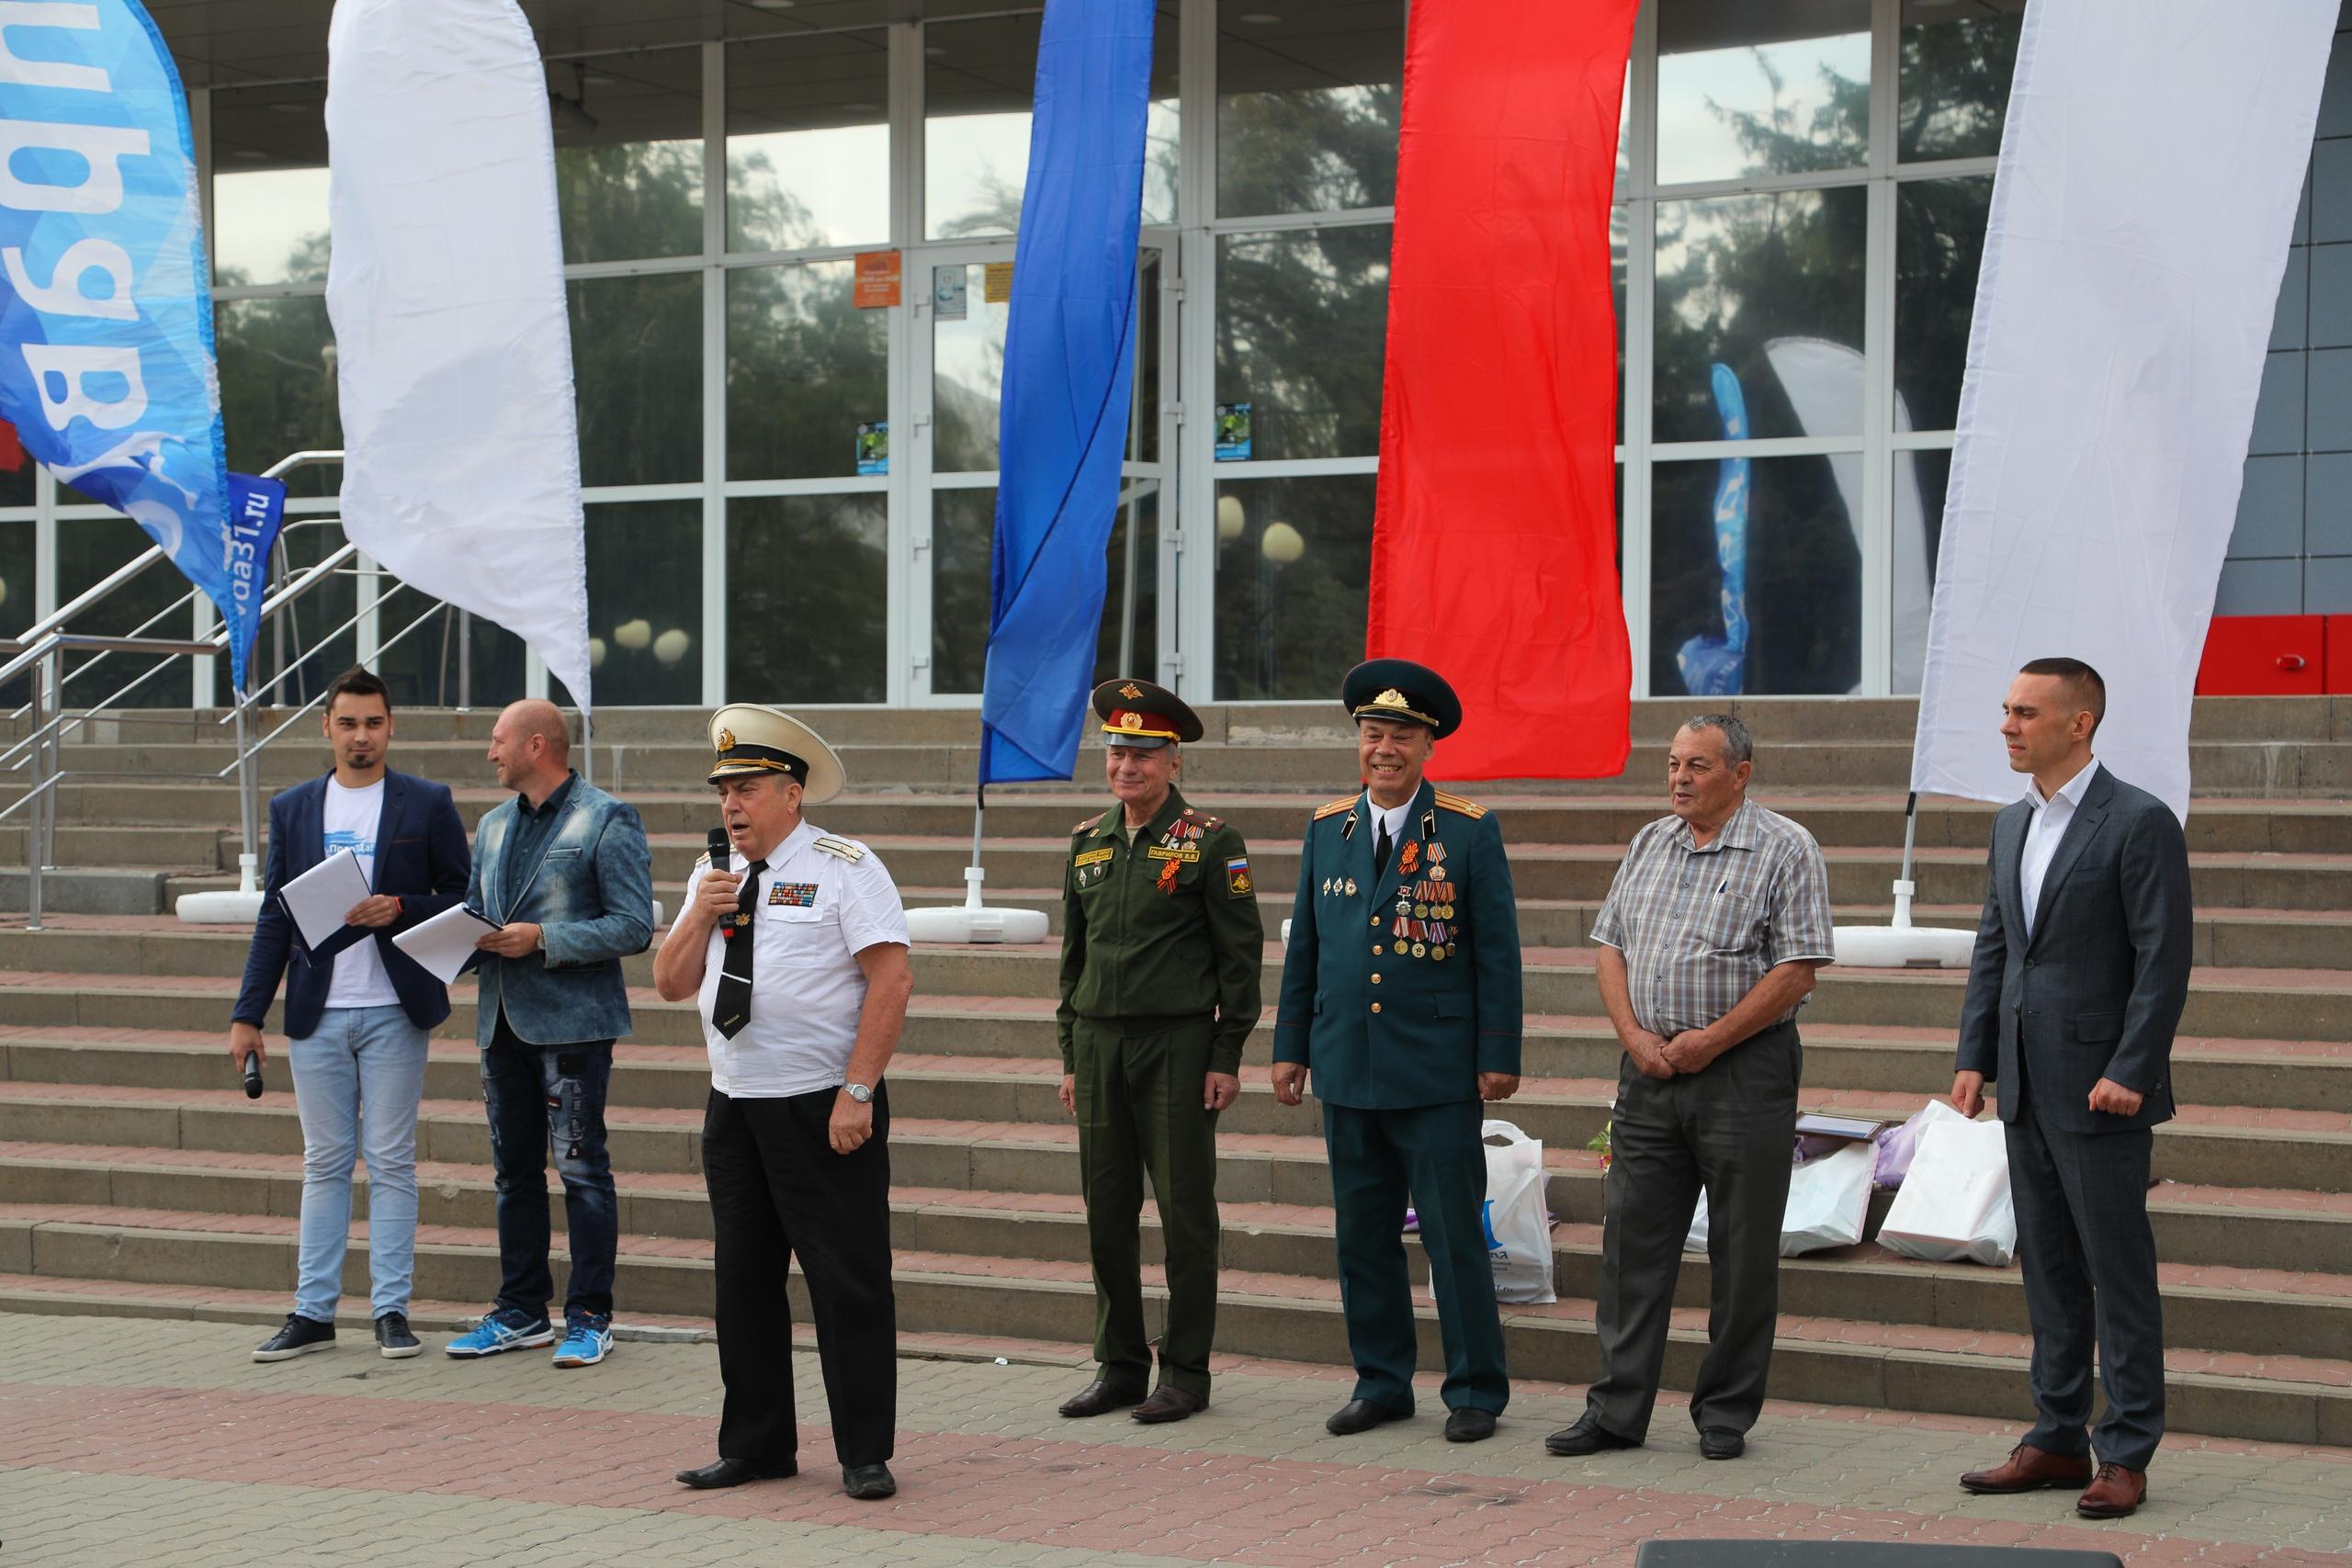 Поздравления ко дню города белгорода